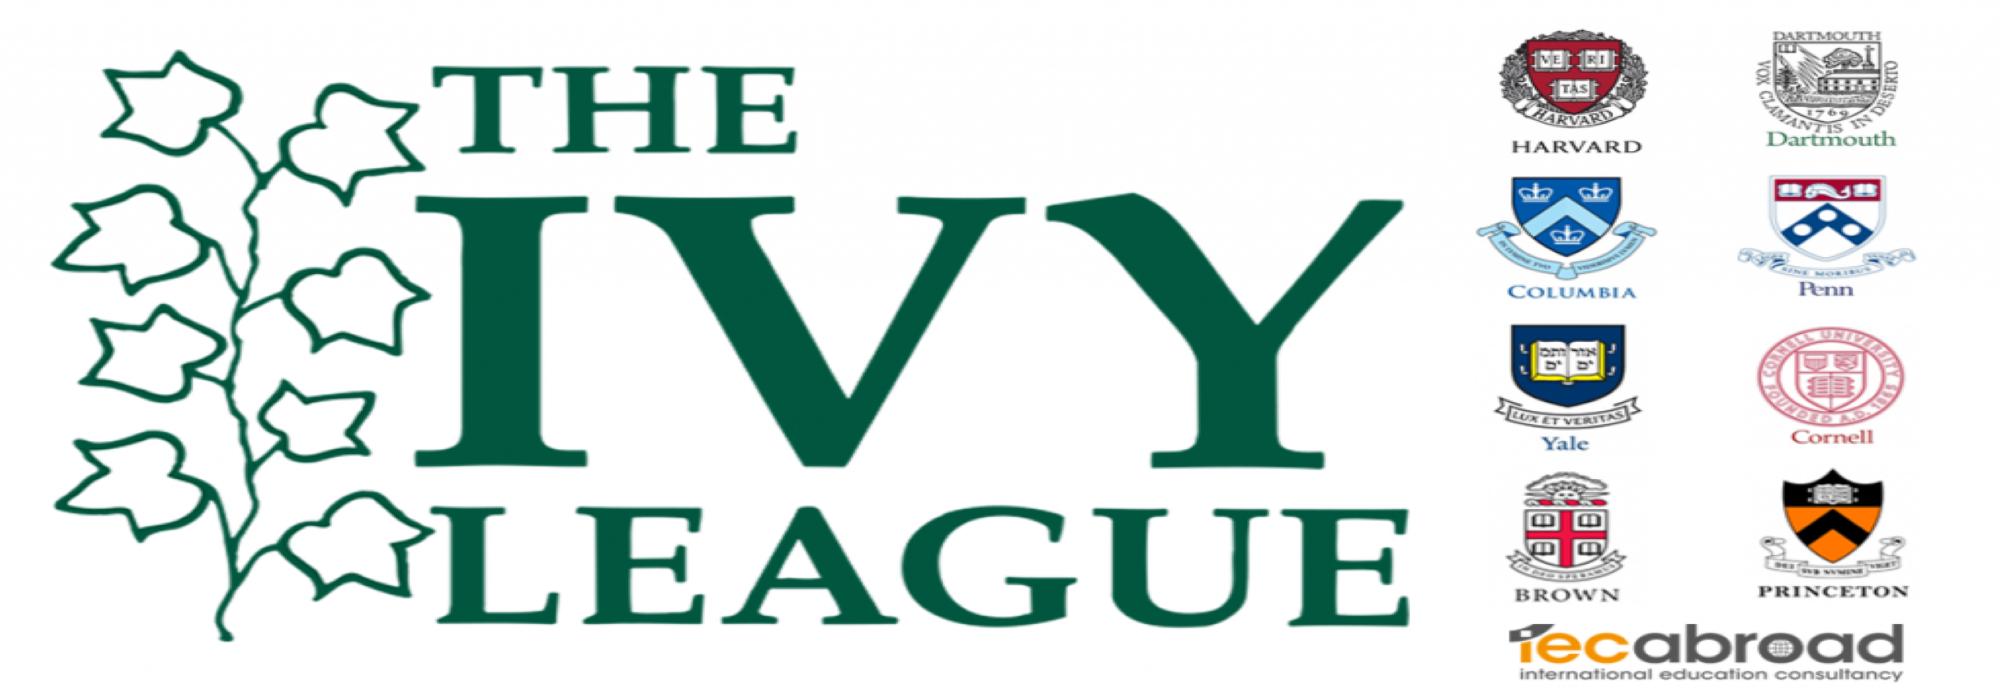 เรียนต่อมหาวิทยาลัยชั้นนำในอเมริกากับ IVY LEAGUE